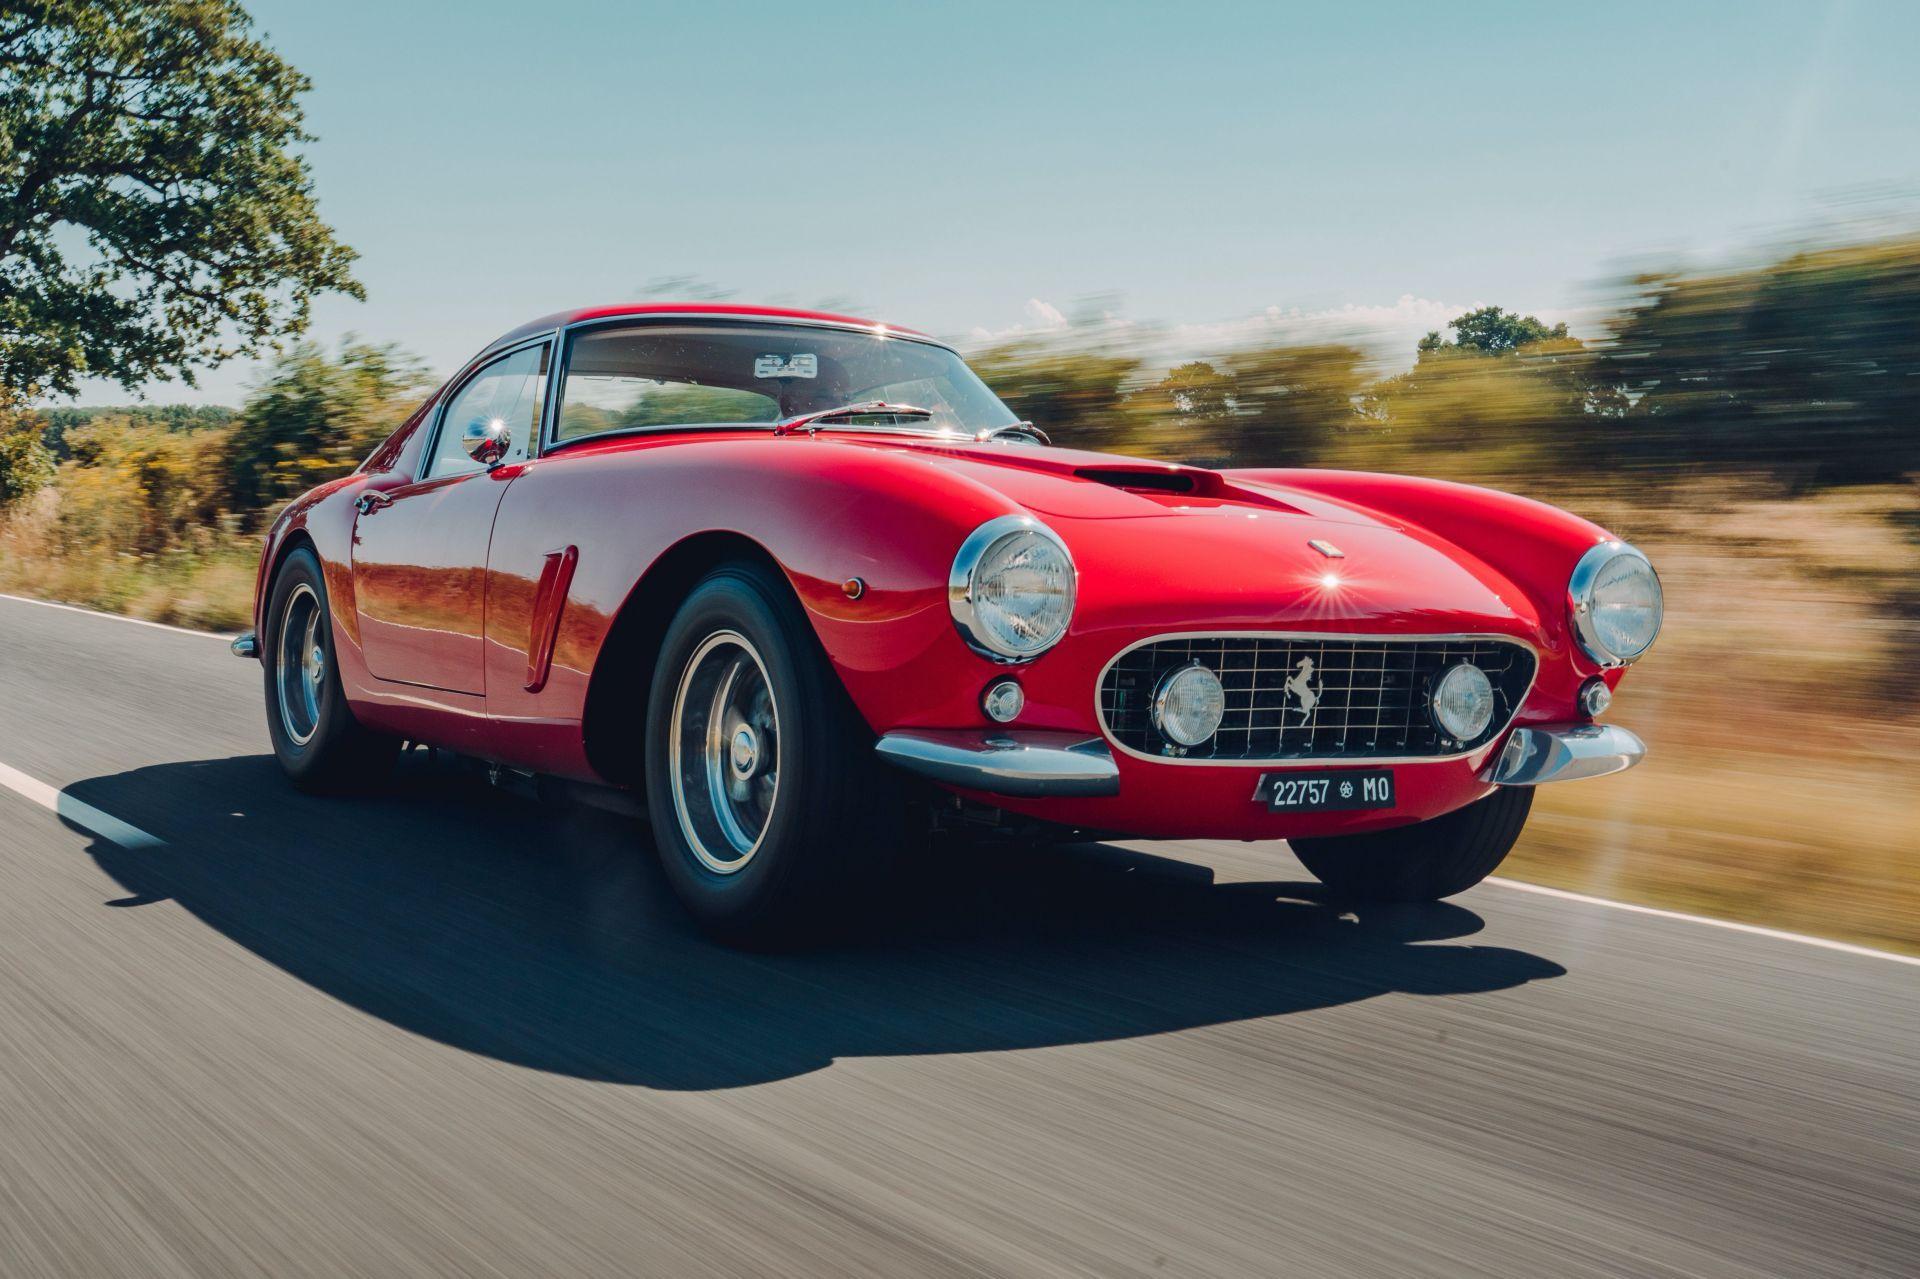 Ferrari-250-GT-SWB-Berlinetta-Competizione-Revival-by-GTO-Engineering-8